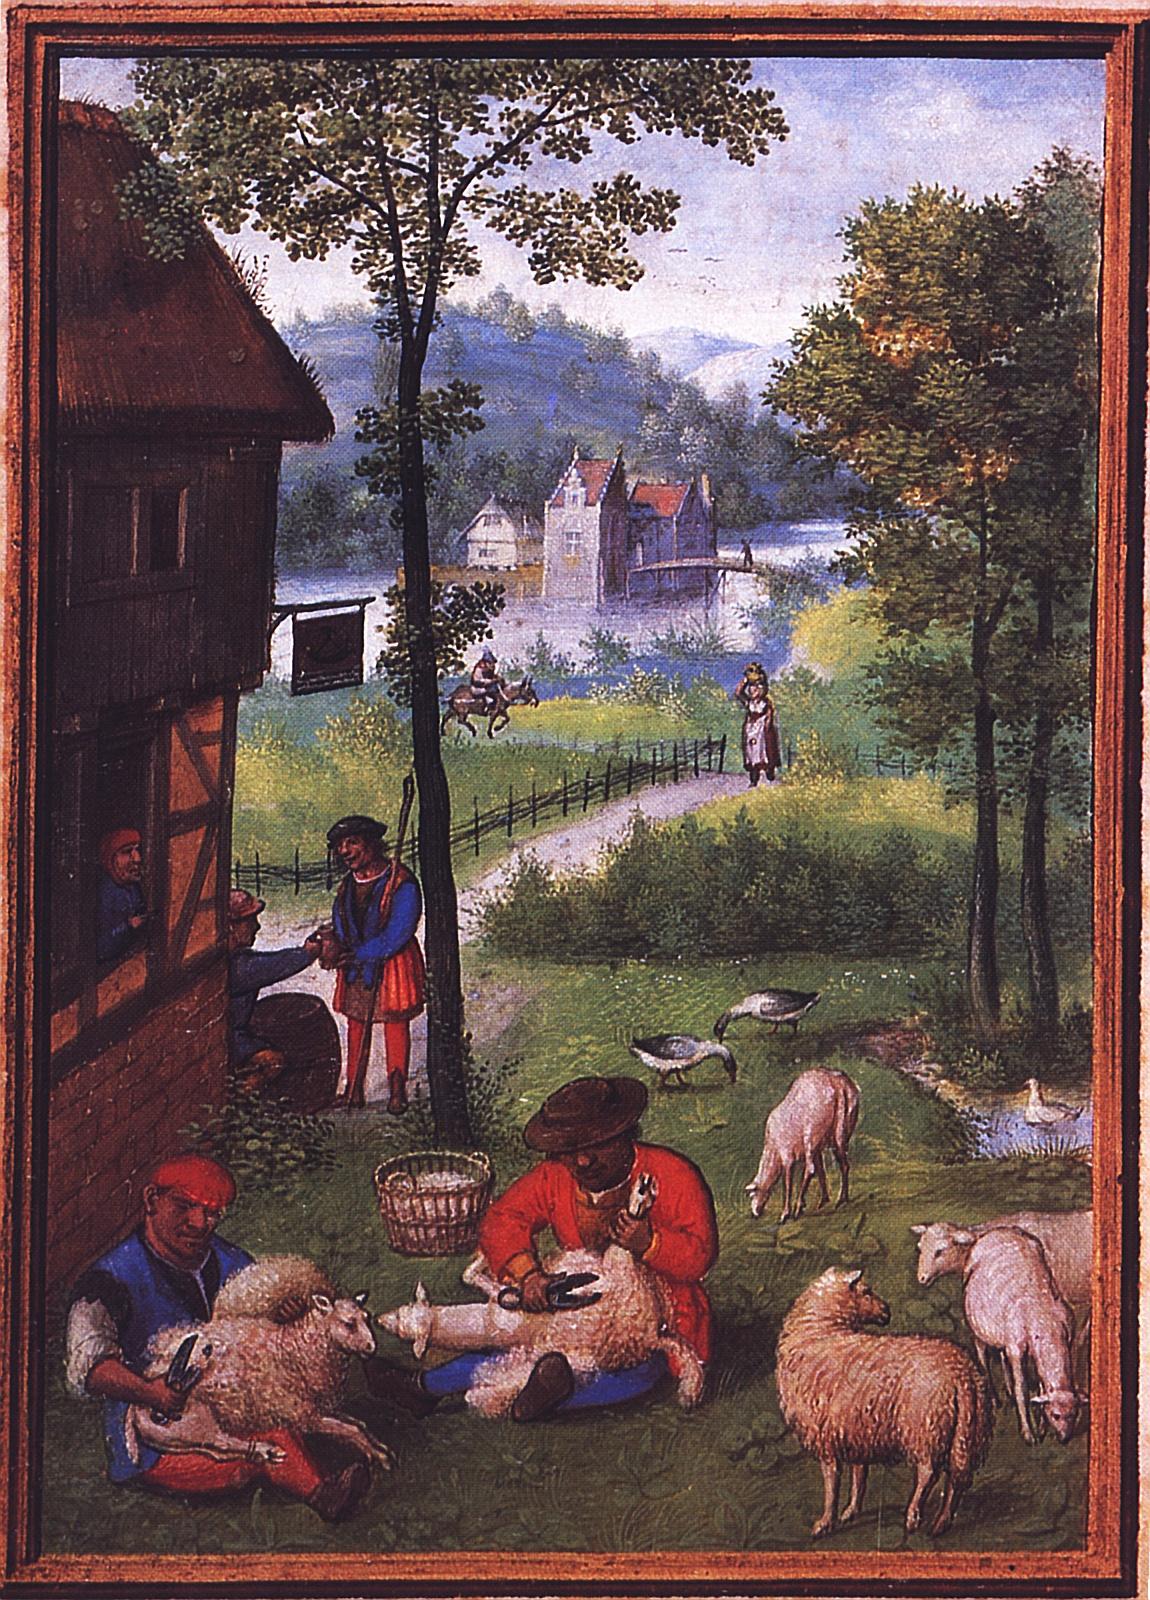 Schafschur: Der Juni in einem Stundenbuch von Simon Fleming, 1. Hälfte des 16. Jahrhunderts. München, StB, cod. lat. 23638, fol. 7v.